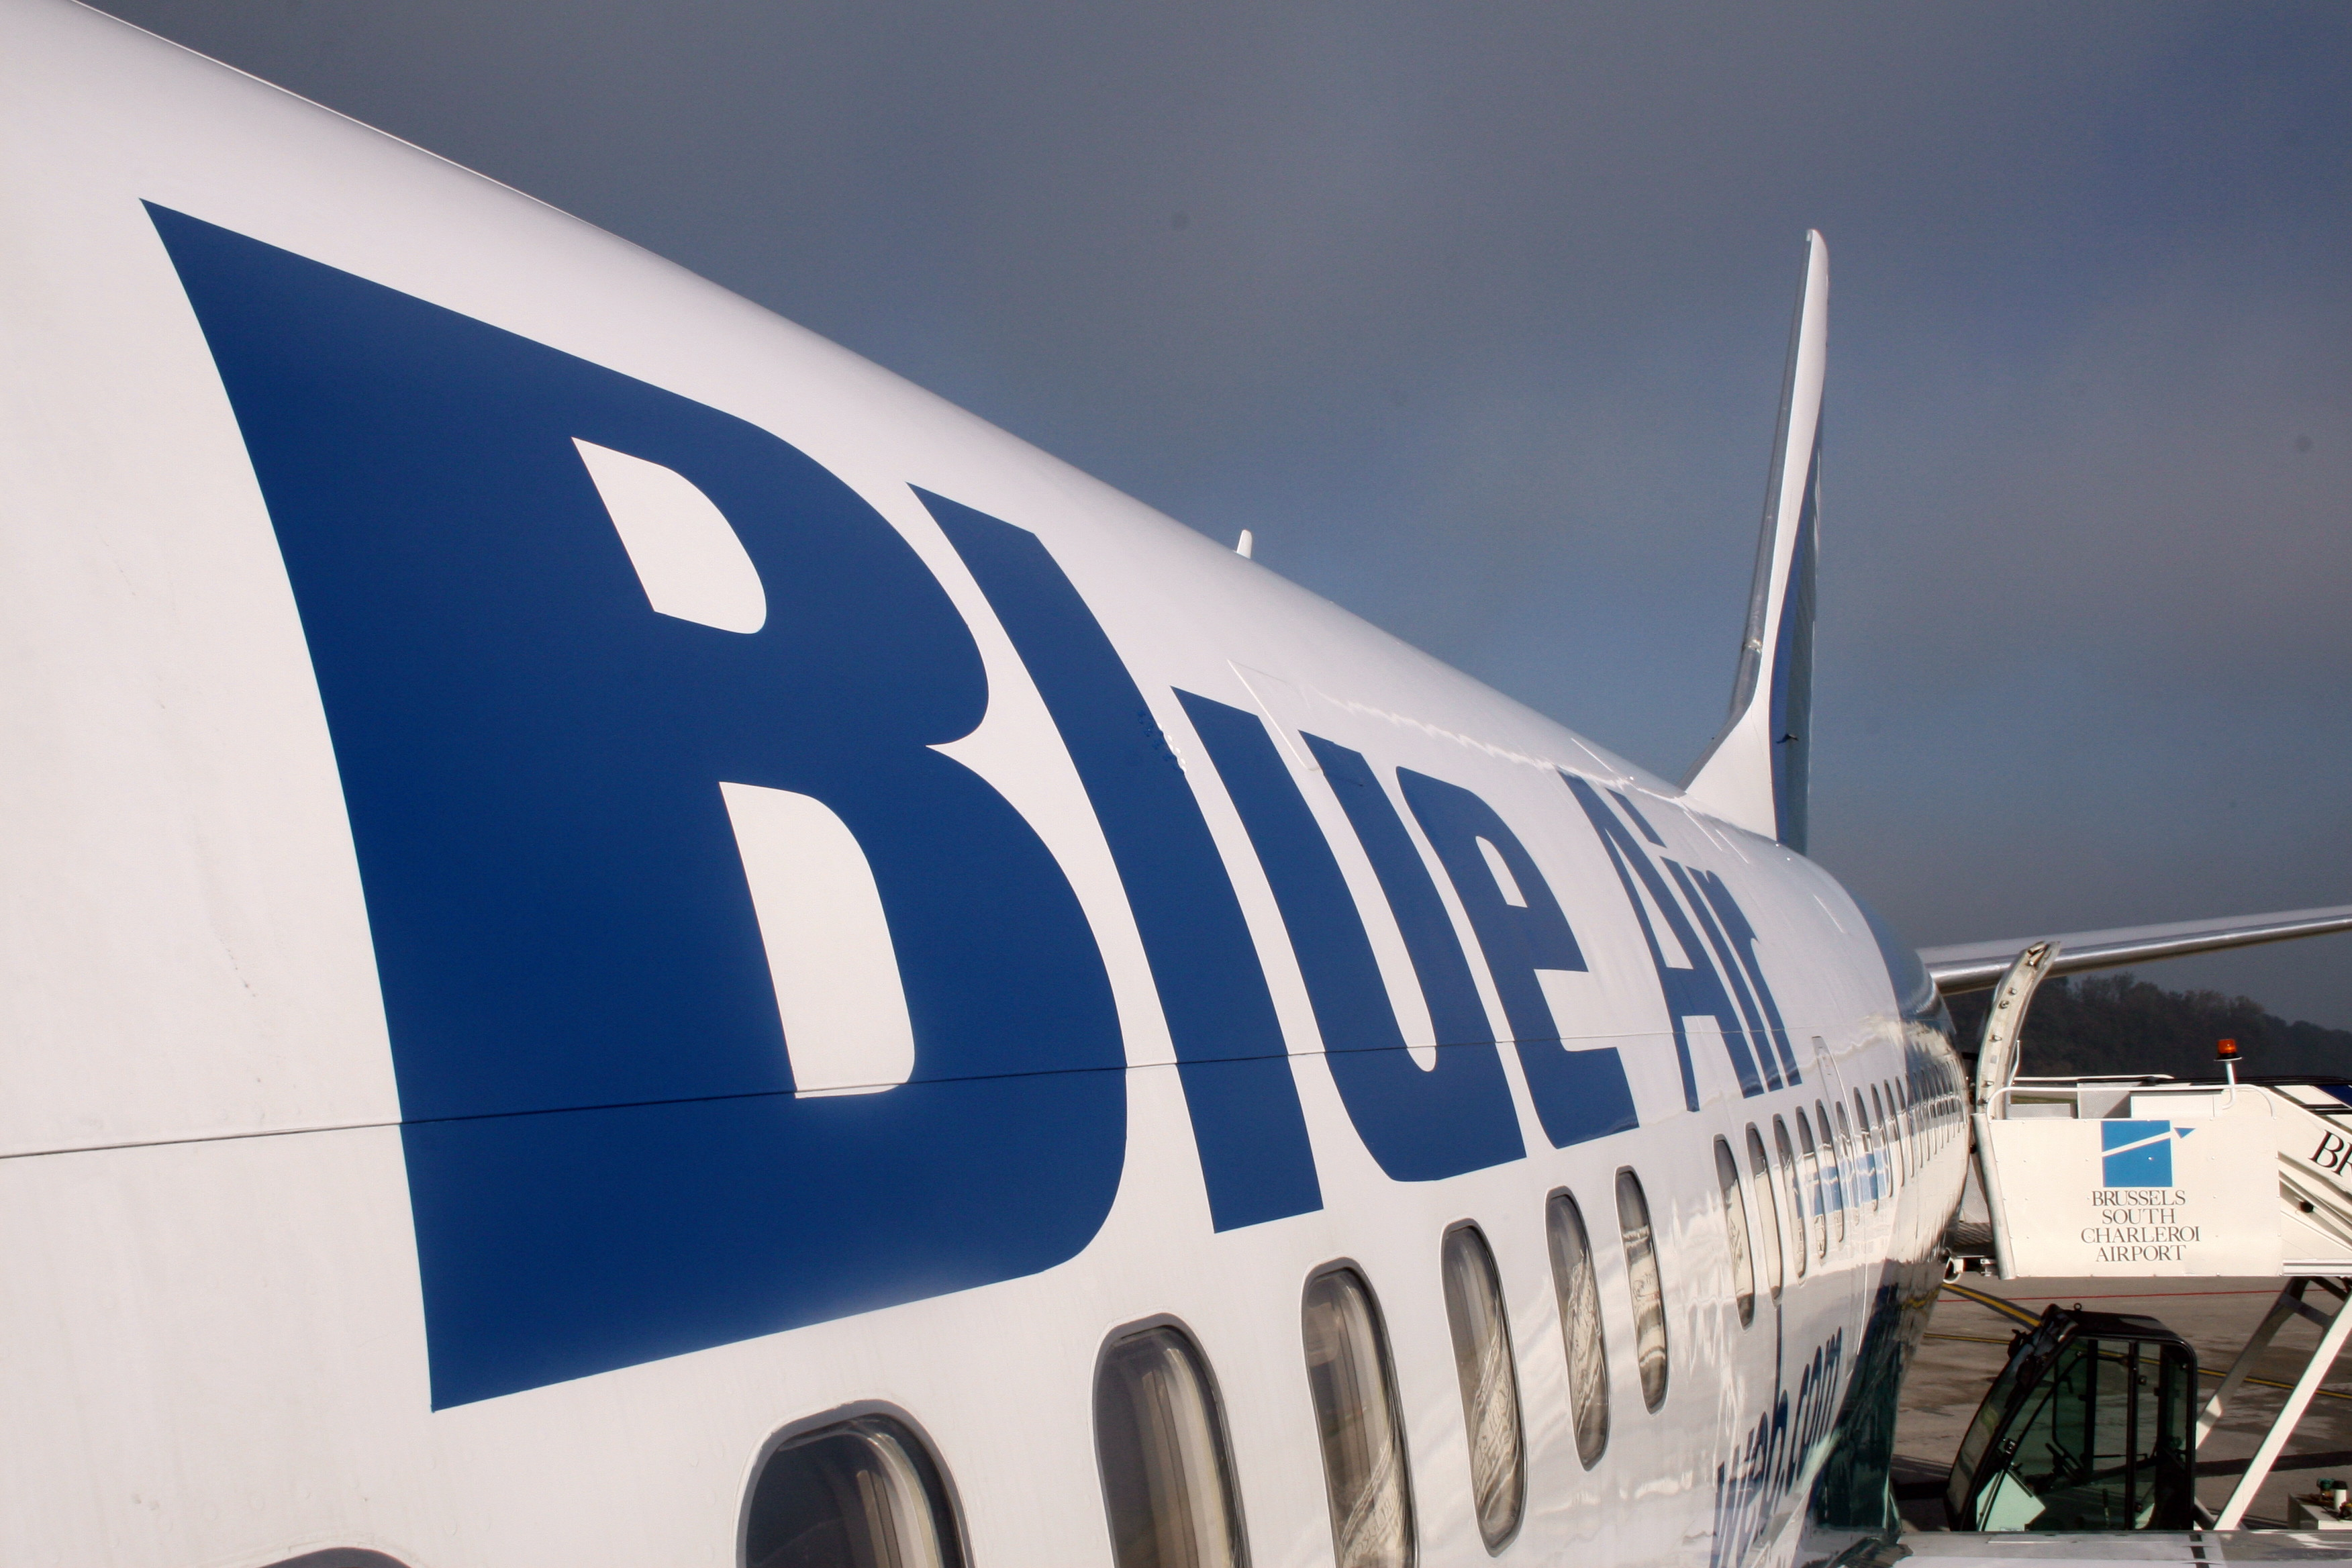 Blue Air / 15% reducere pentru toate destinațiile